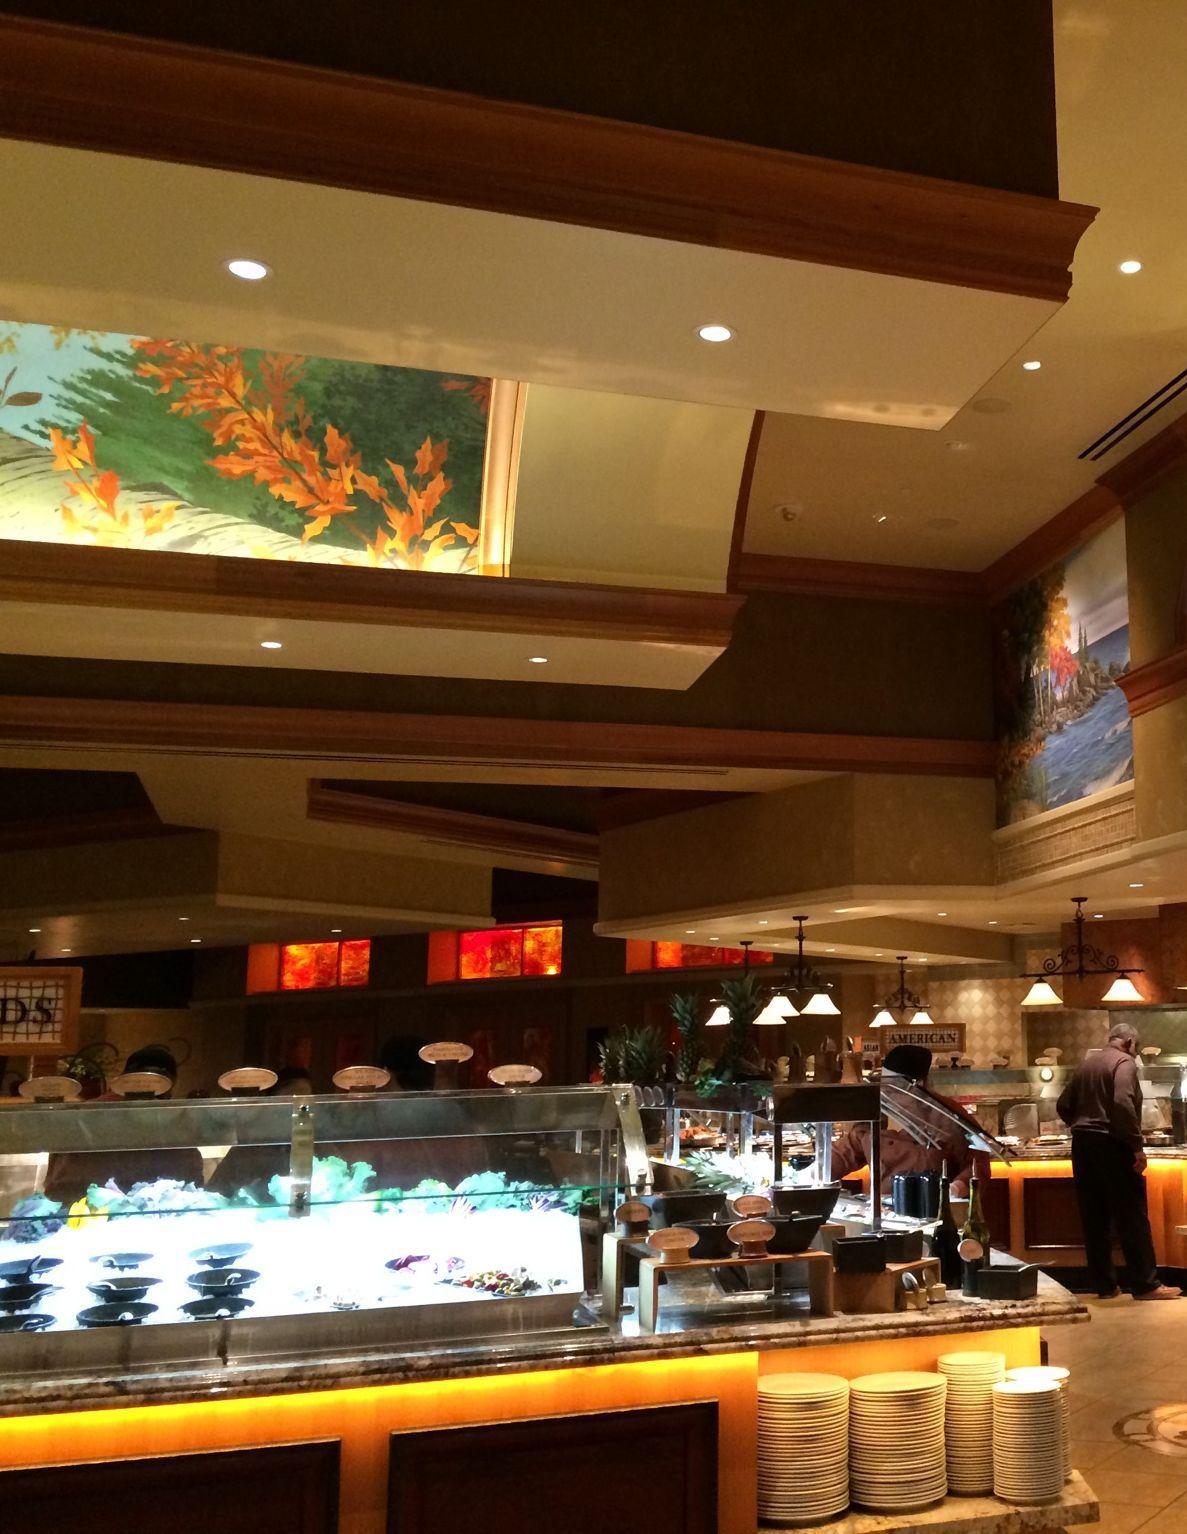 various restaurants offer buffet brunch meals in the region rh nwitimes com